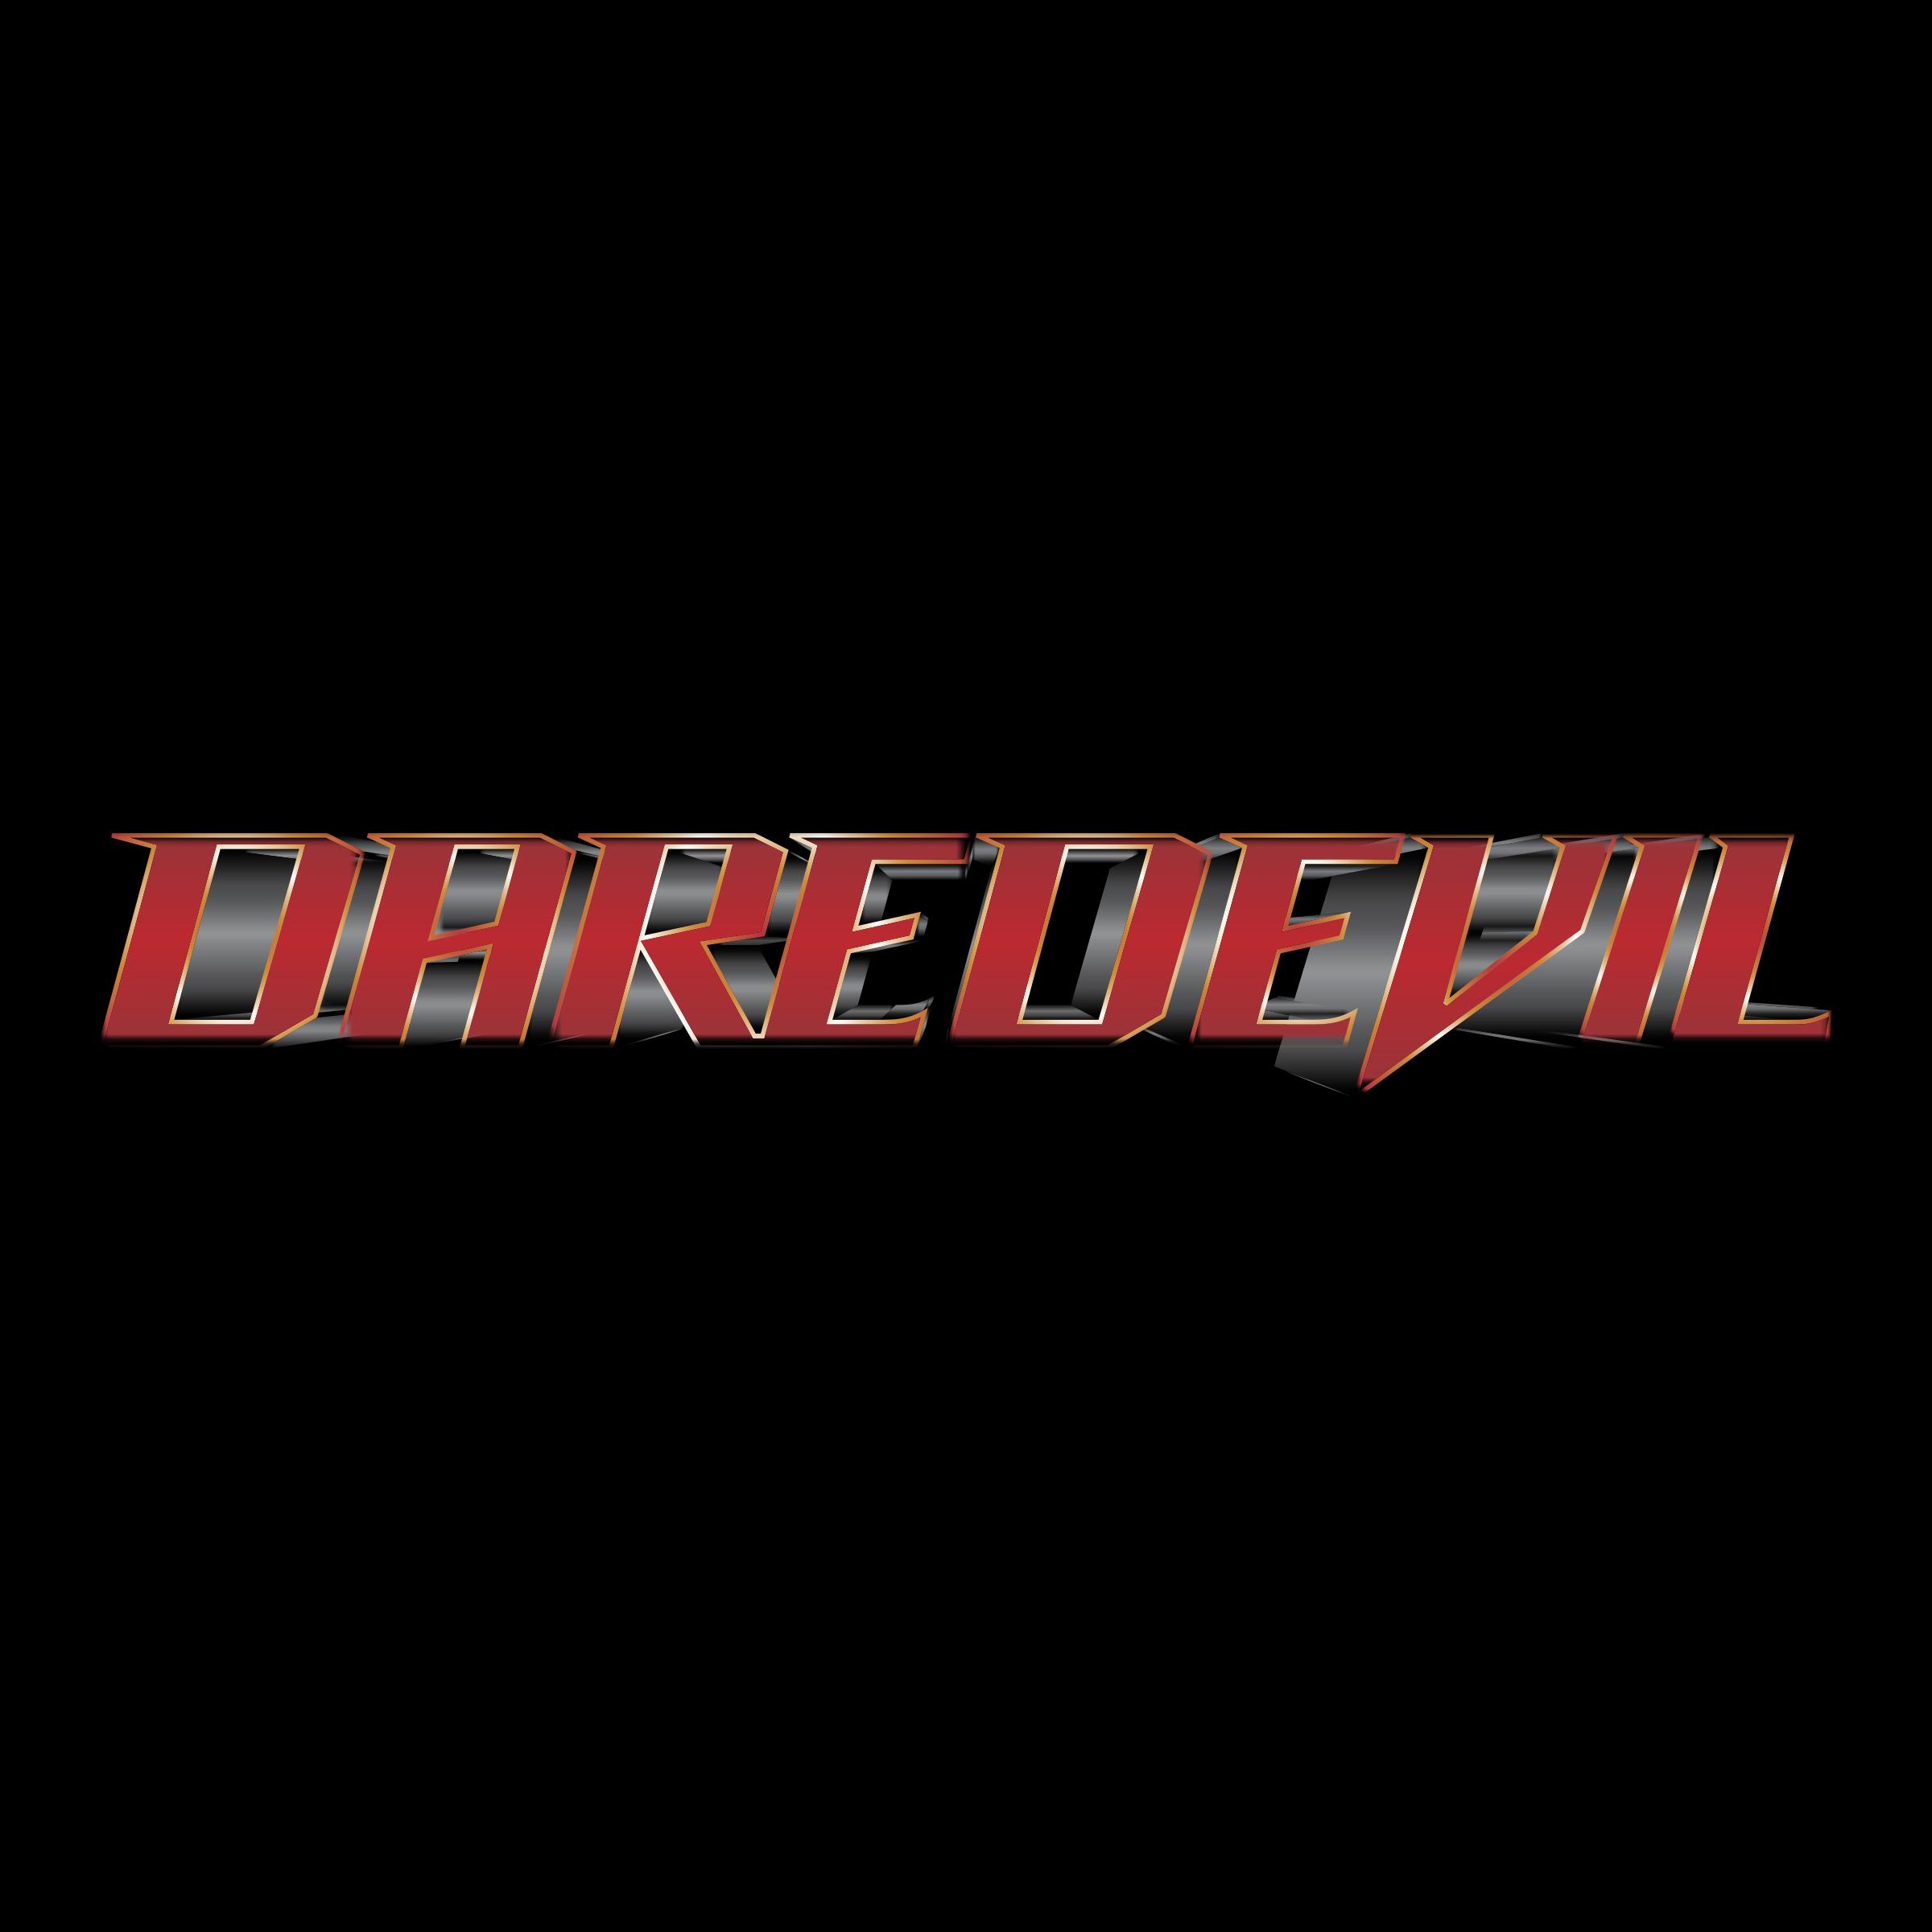 DareDevil Logo PNG Transparent & SVG Vector.